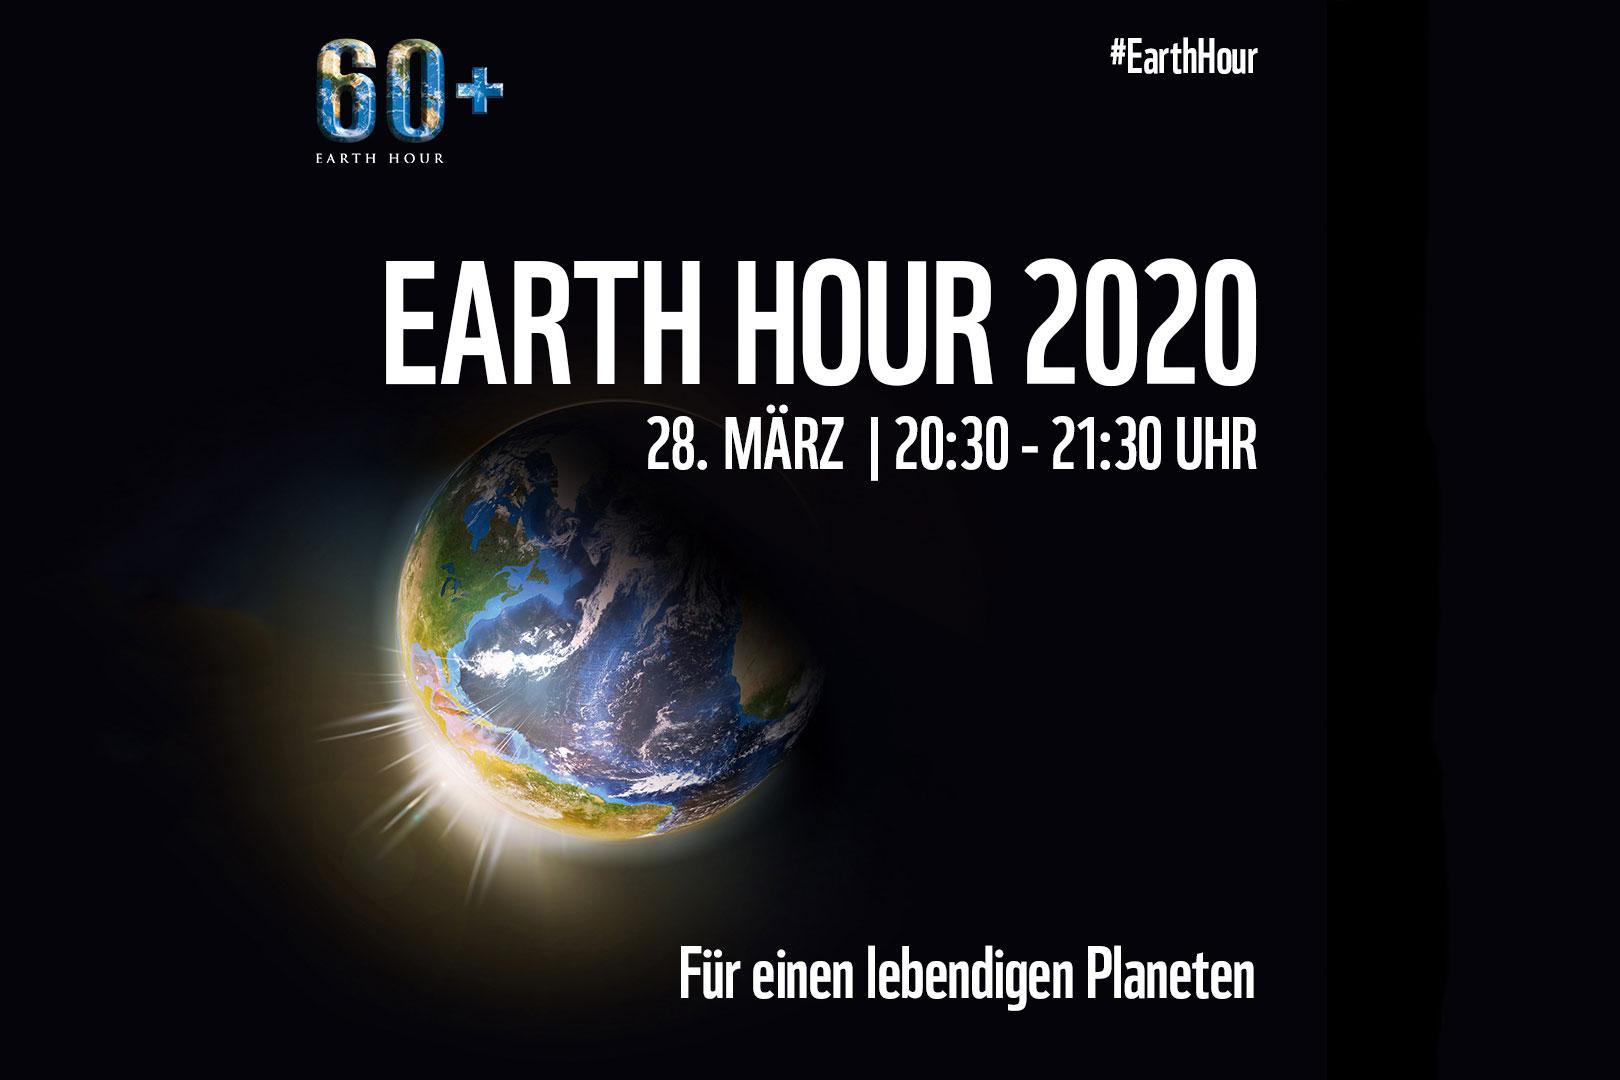 """Ziel der Umweltschutzaktion """"Earth Hour"""" ist zum Schutz des Planeten Erde für eine Stunde Licht ausschalten. (Quelle: WWF)"""